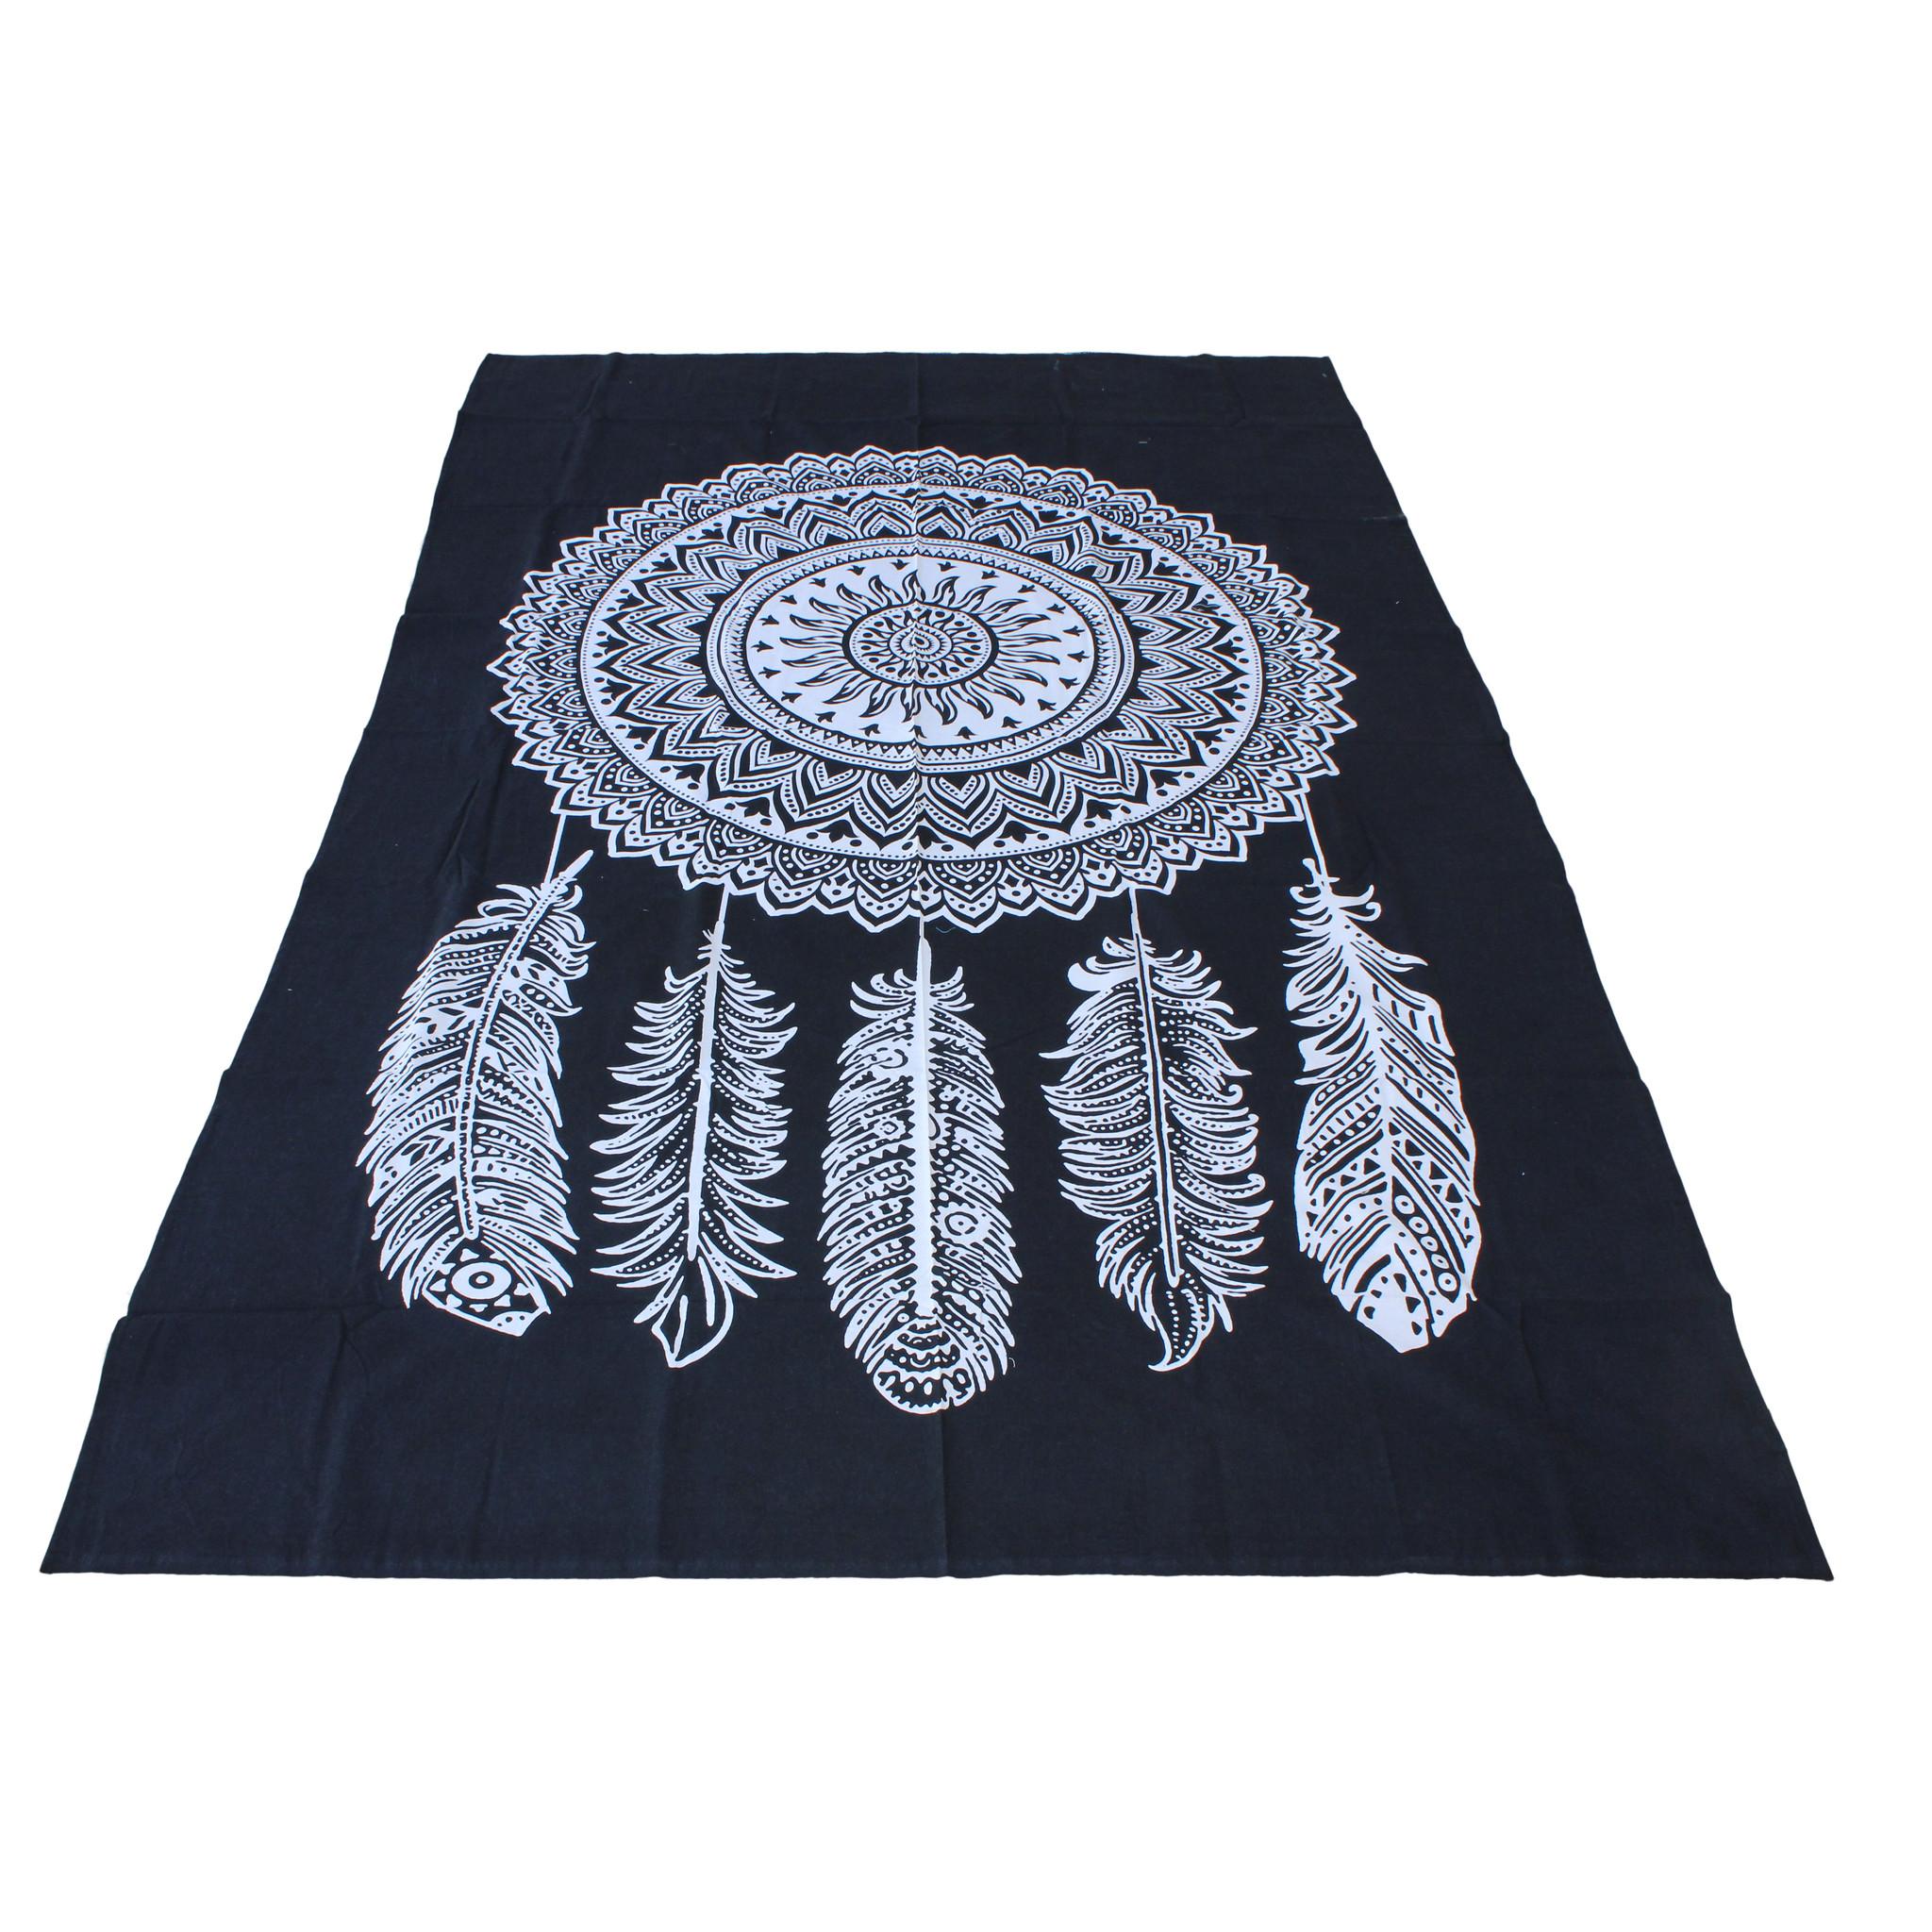 Myroundie Myroundie – roundie  - rechthoekig strandlaken – strandkleed - yoga kleed - picknickkleed - speelkleed - muurkleed - 100% katoen  - 140 x 210 cm - 836